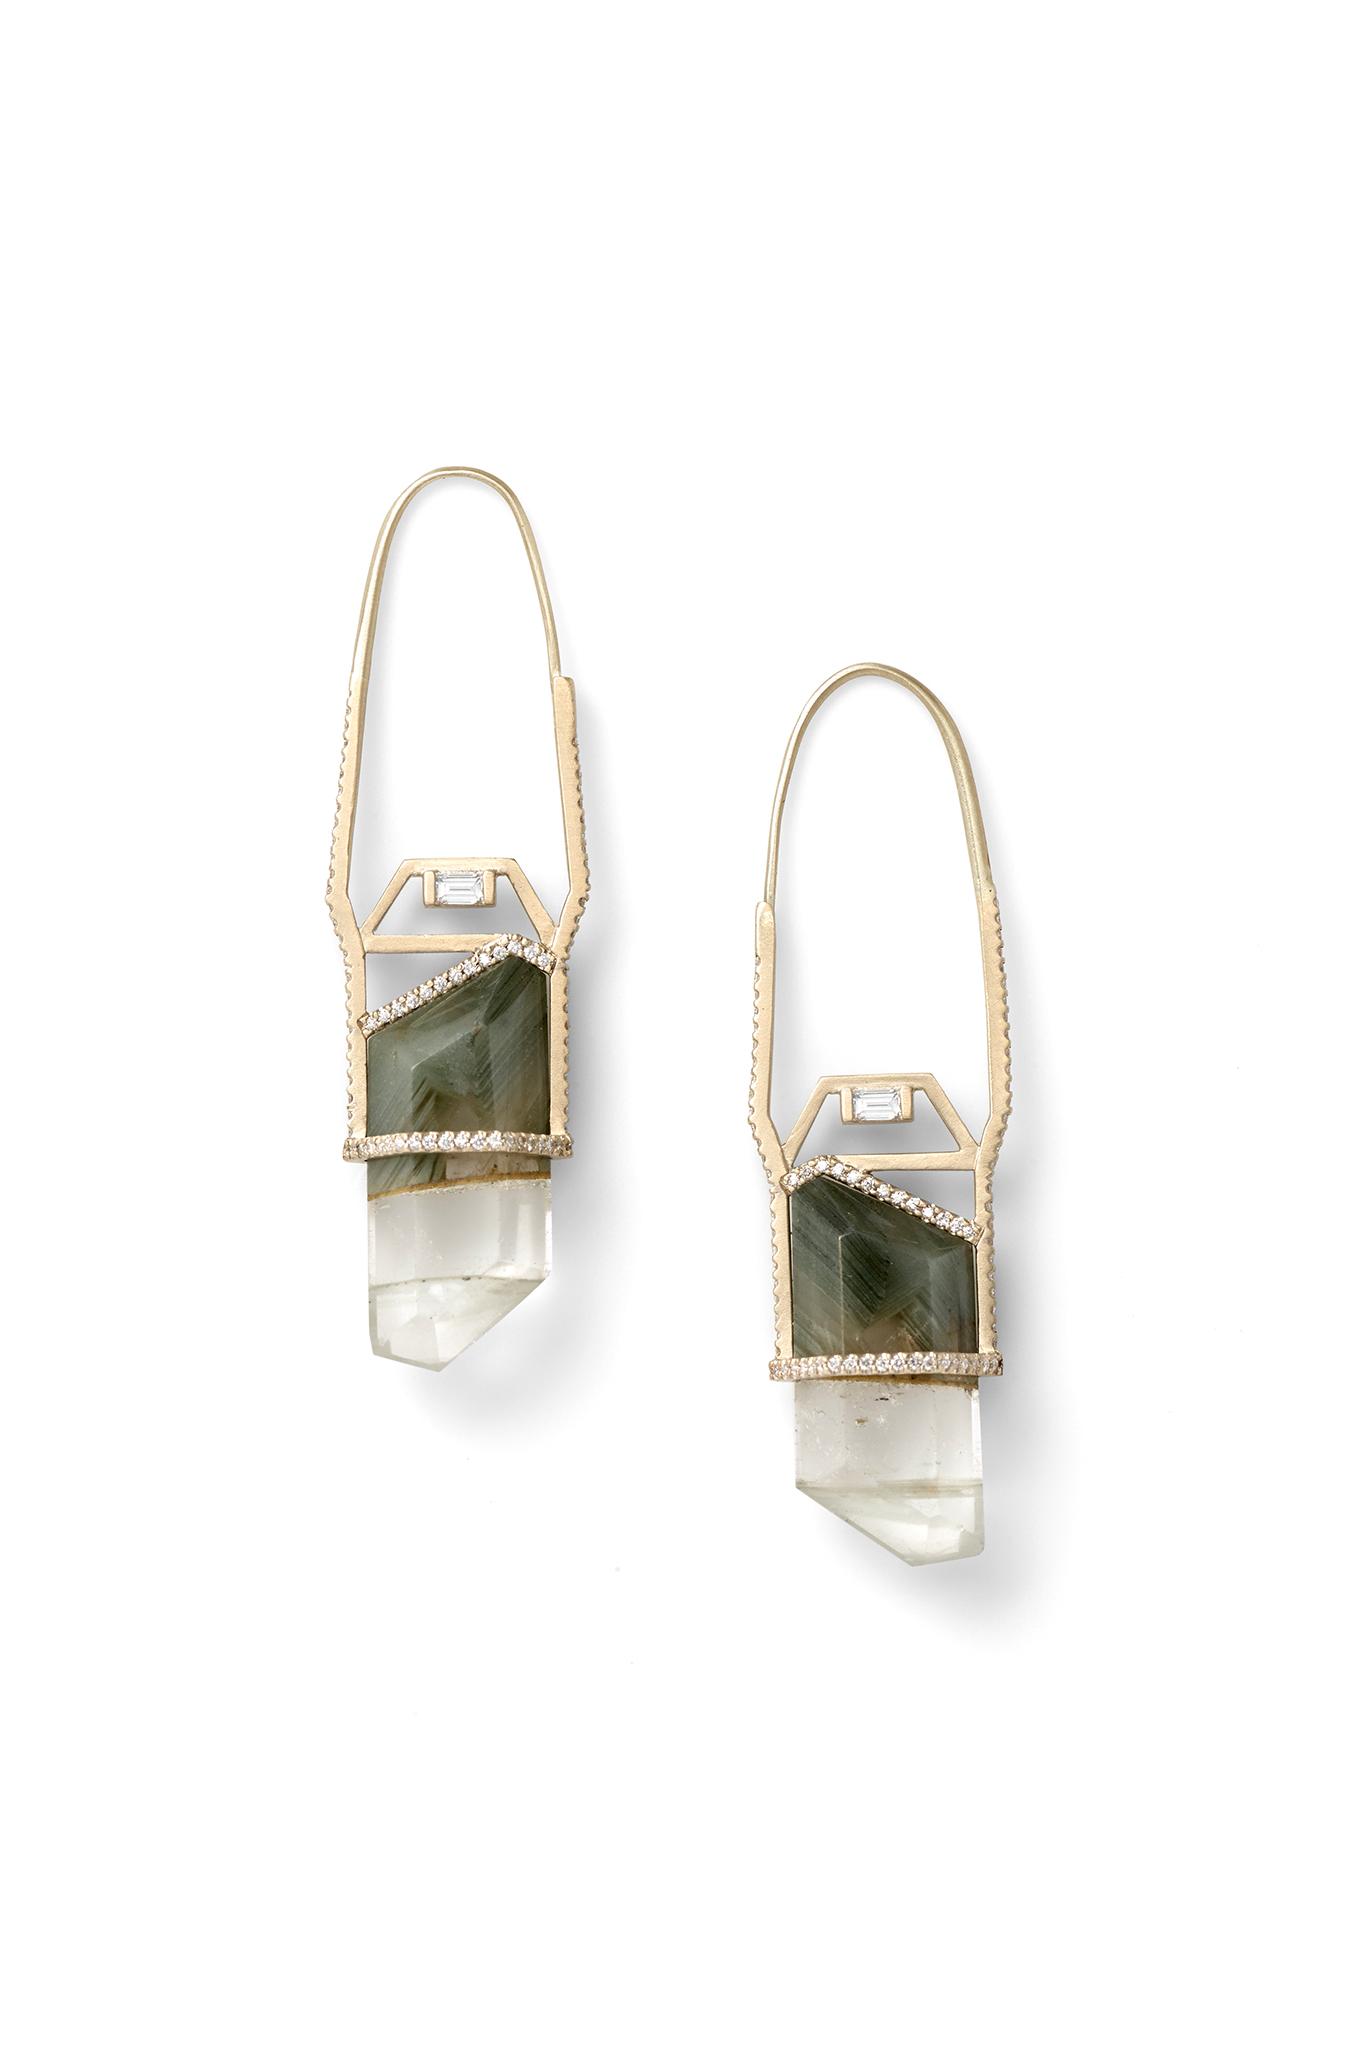 06-03-rock-jewelry.jpg